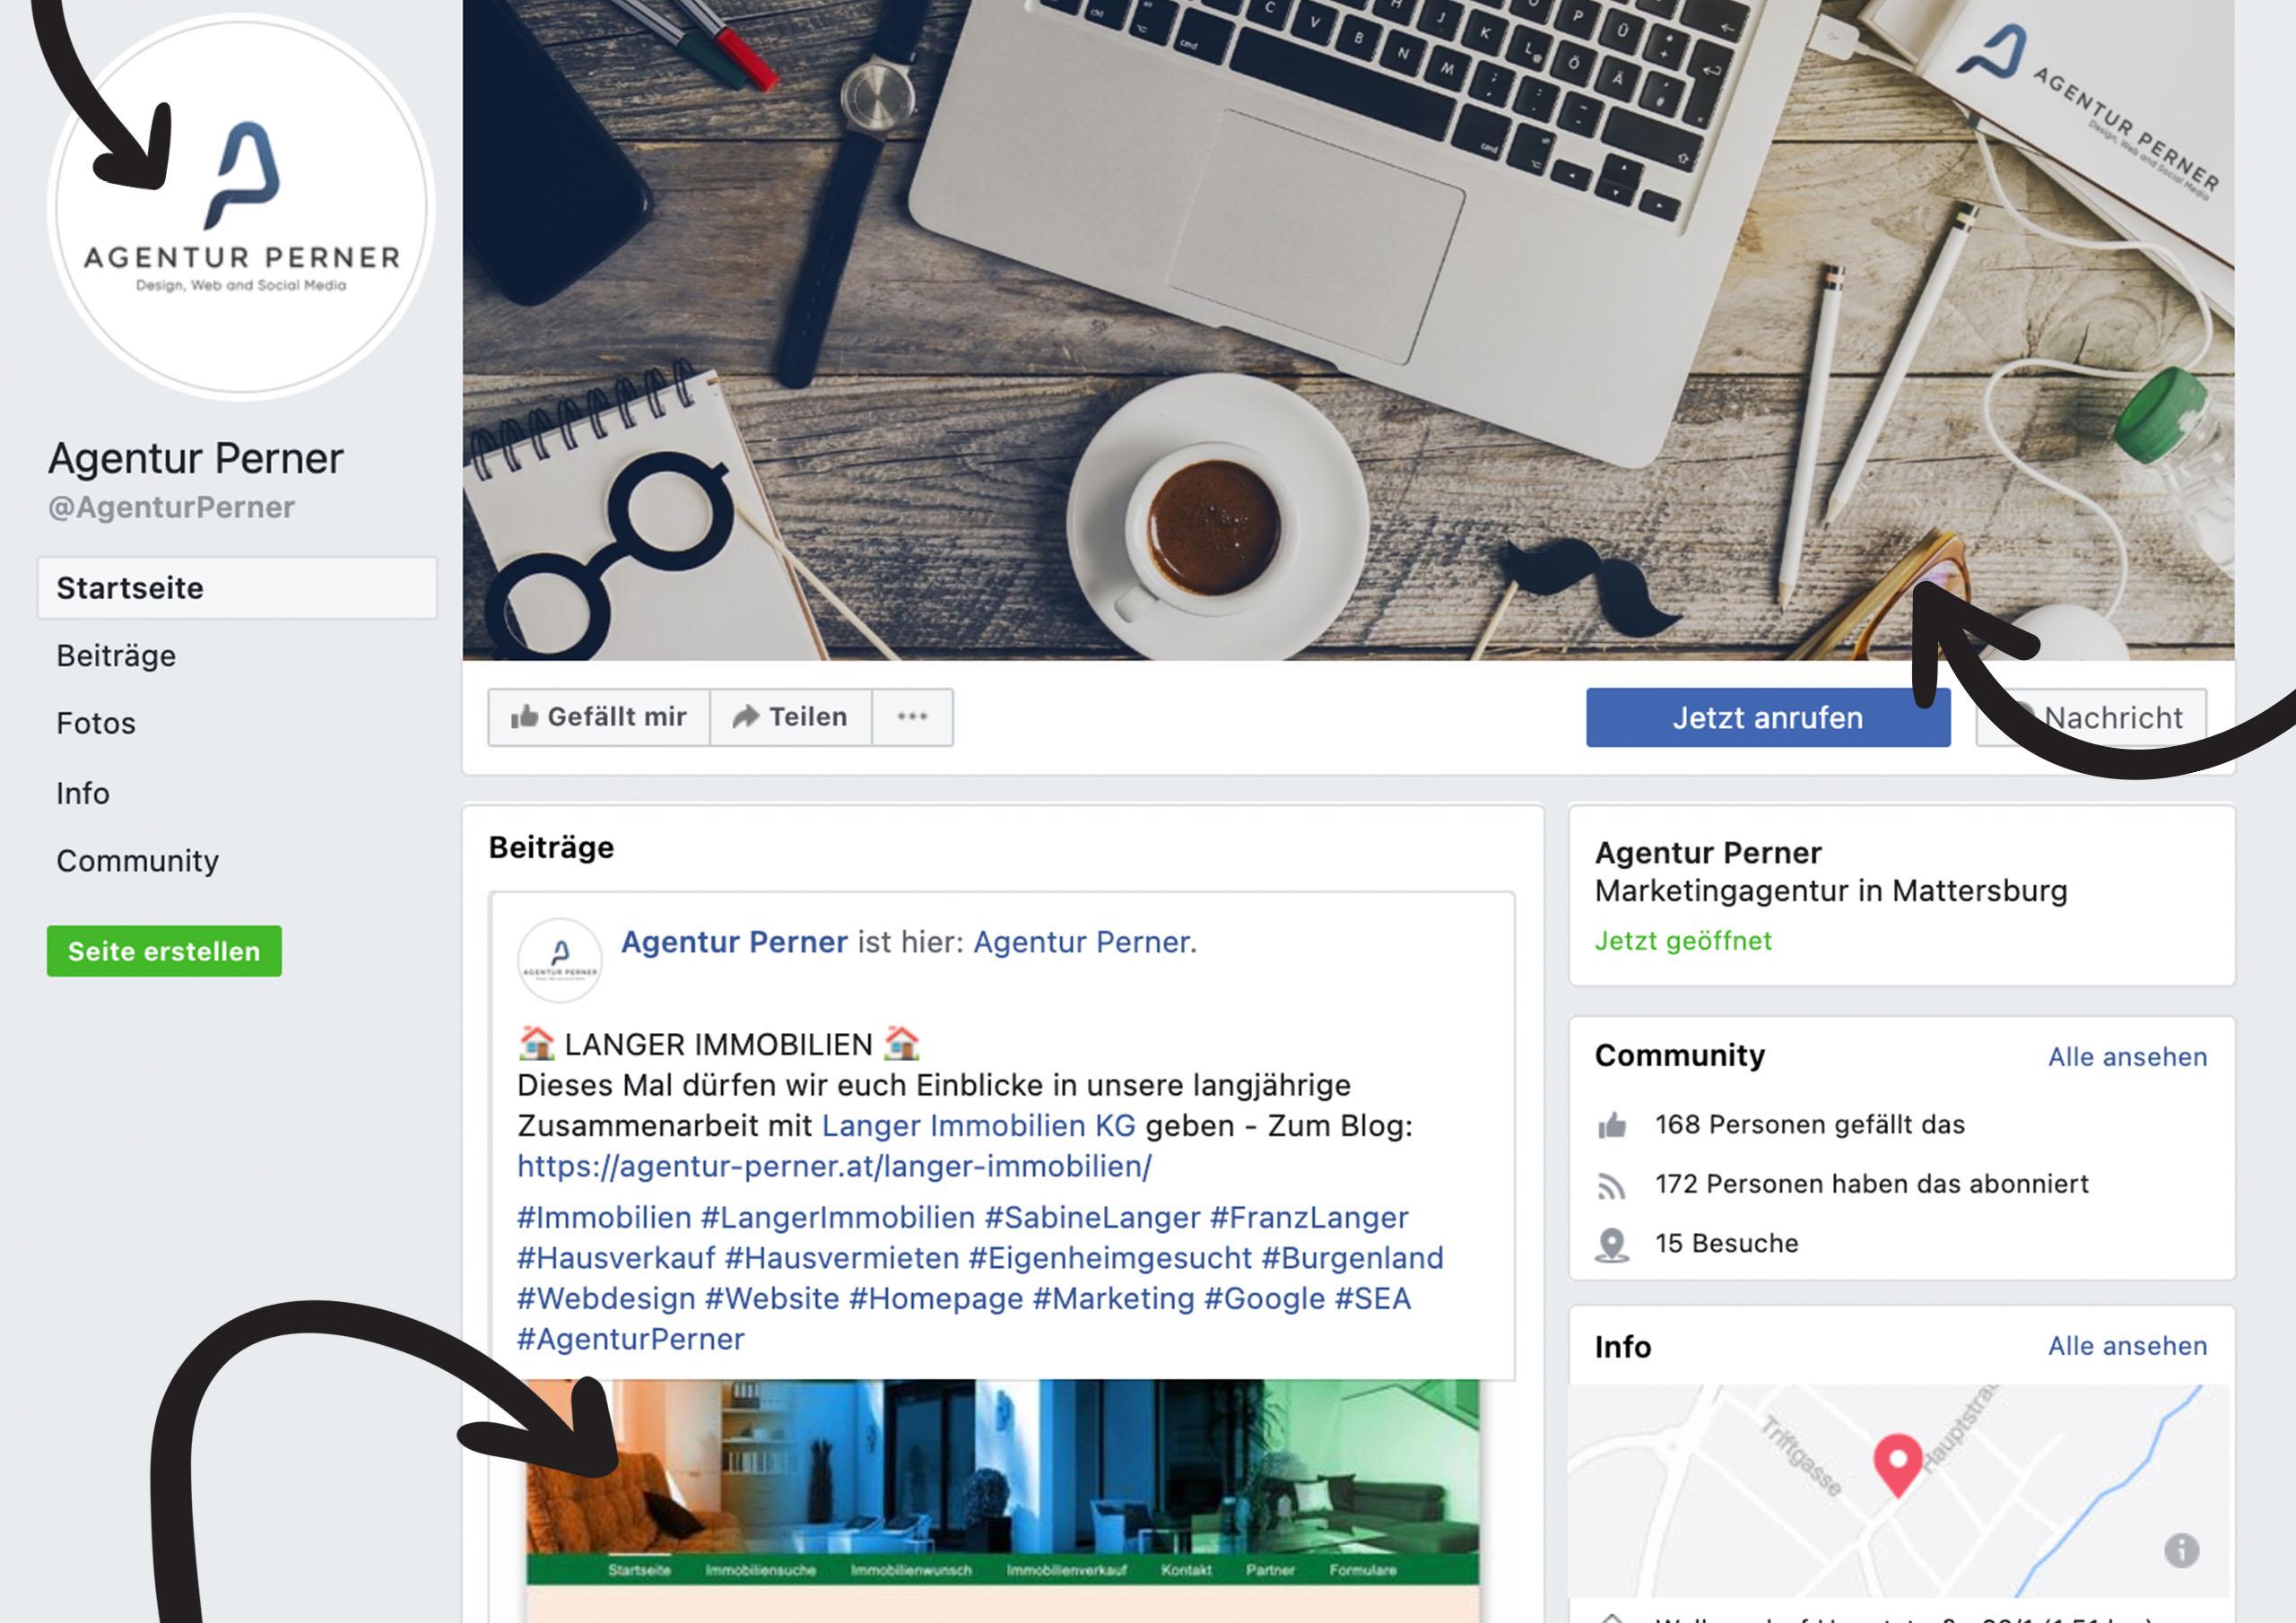 Bei uns finden Sie aktuellen und richtigen Bildgrößen und Formate für Facebook und Instagram.